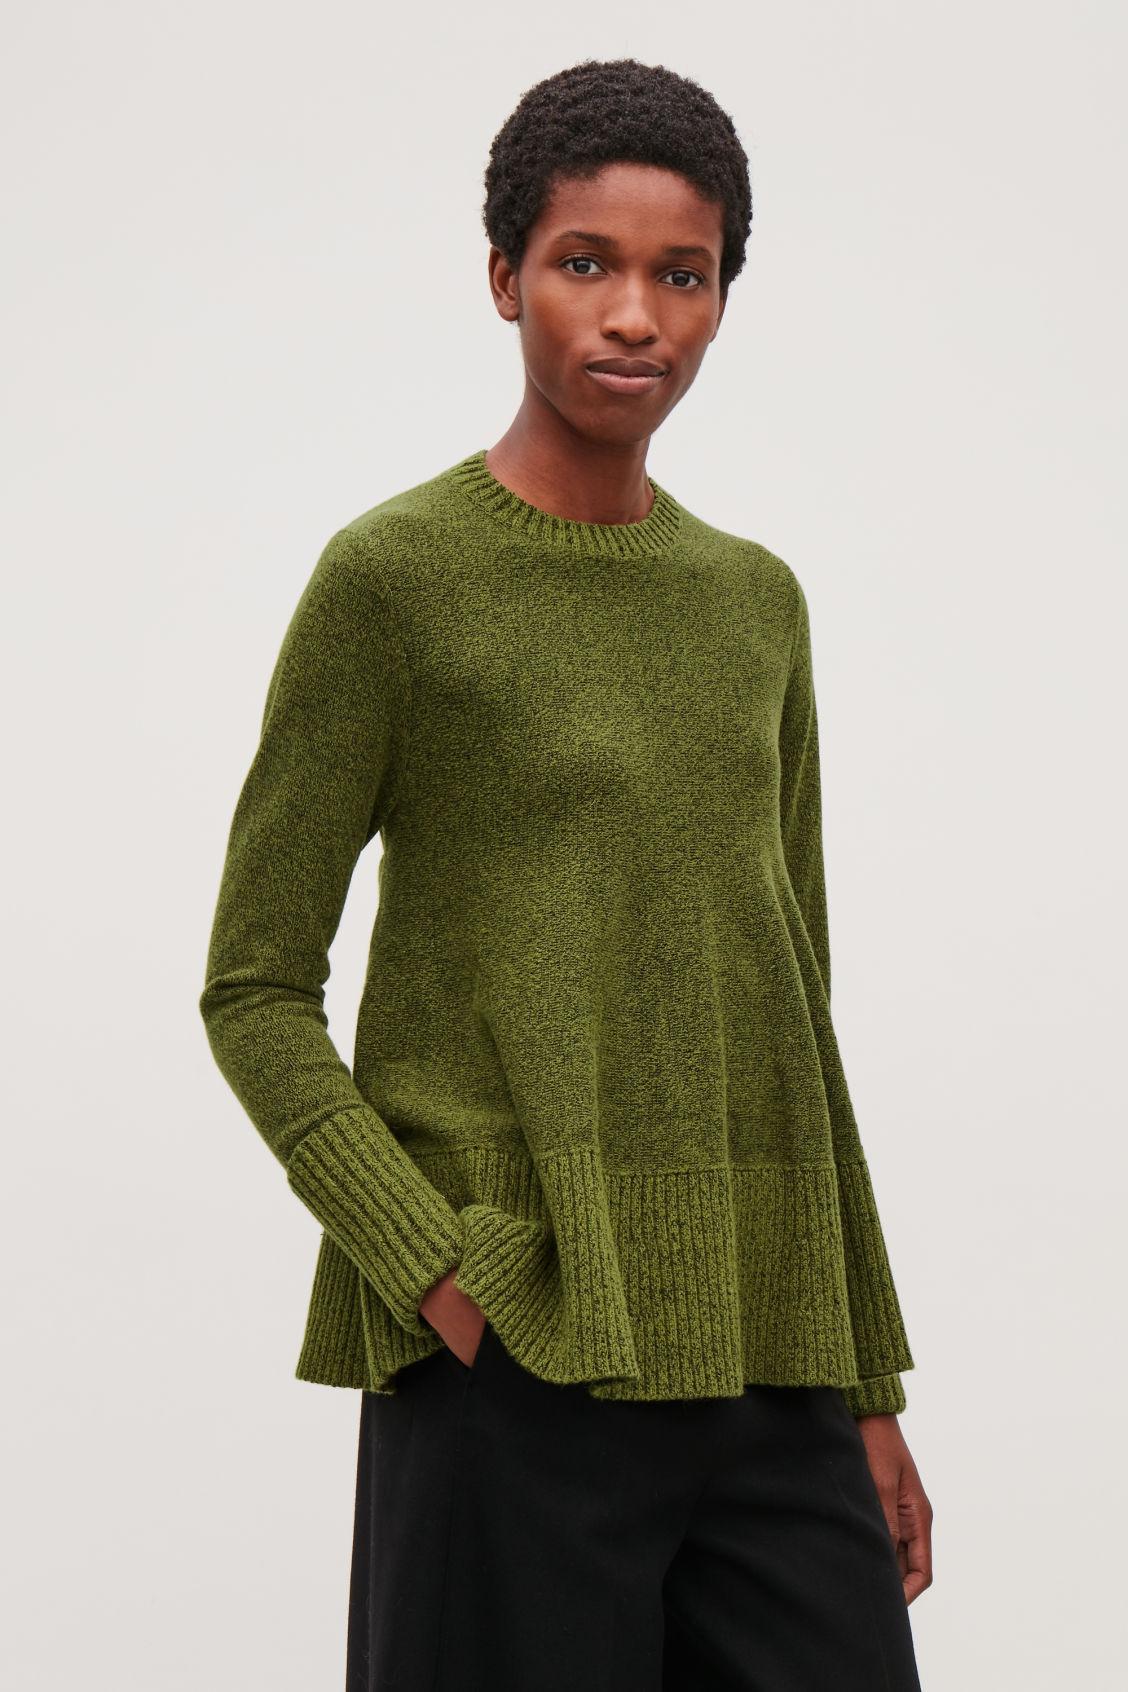 A LINE WOOL COTTON JUMPER Green melange Knitwear COS